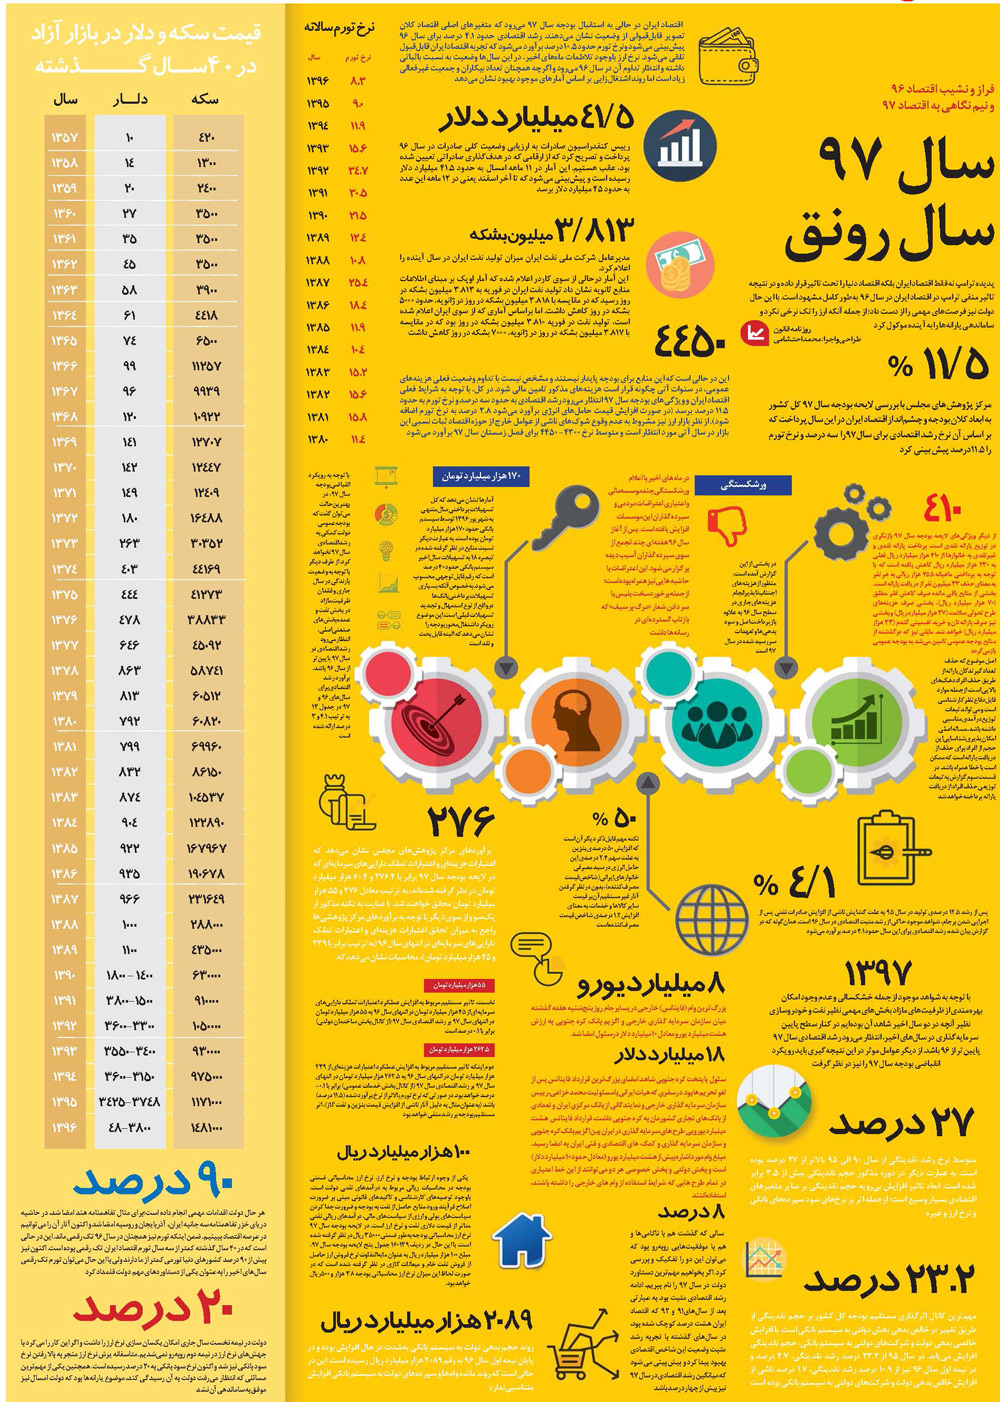 اینفوگرافیک: اقتصاد ایران در سال 96 چگونه بود؟